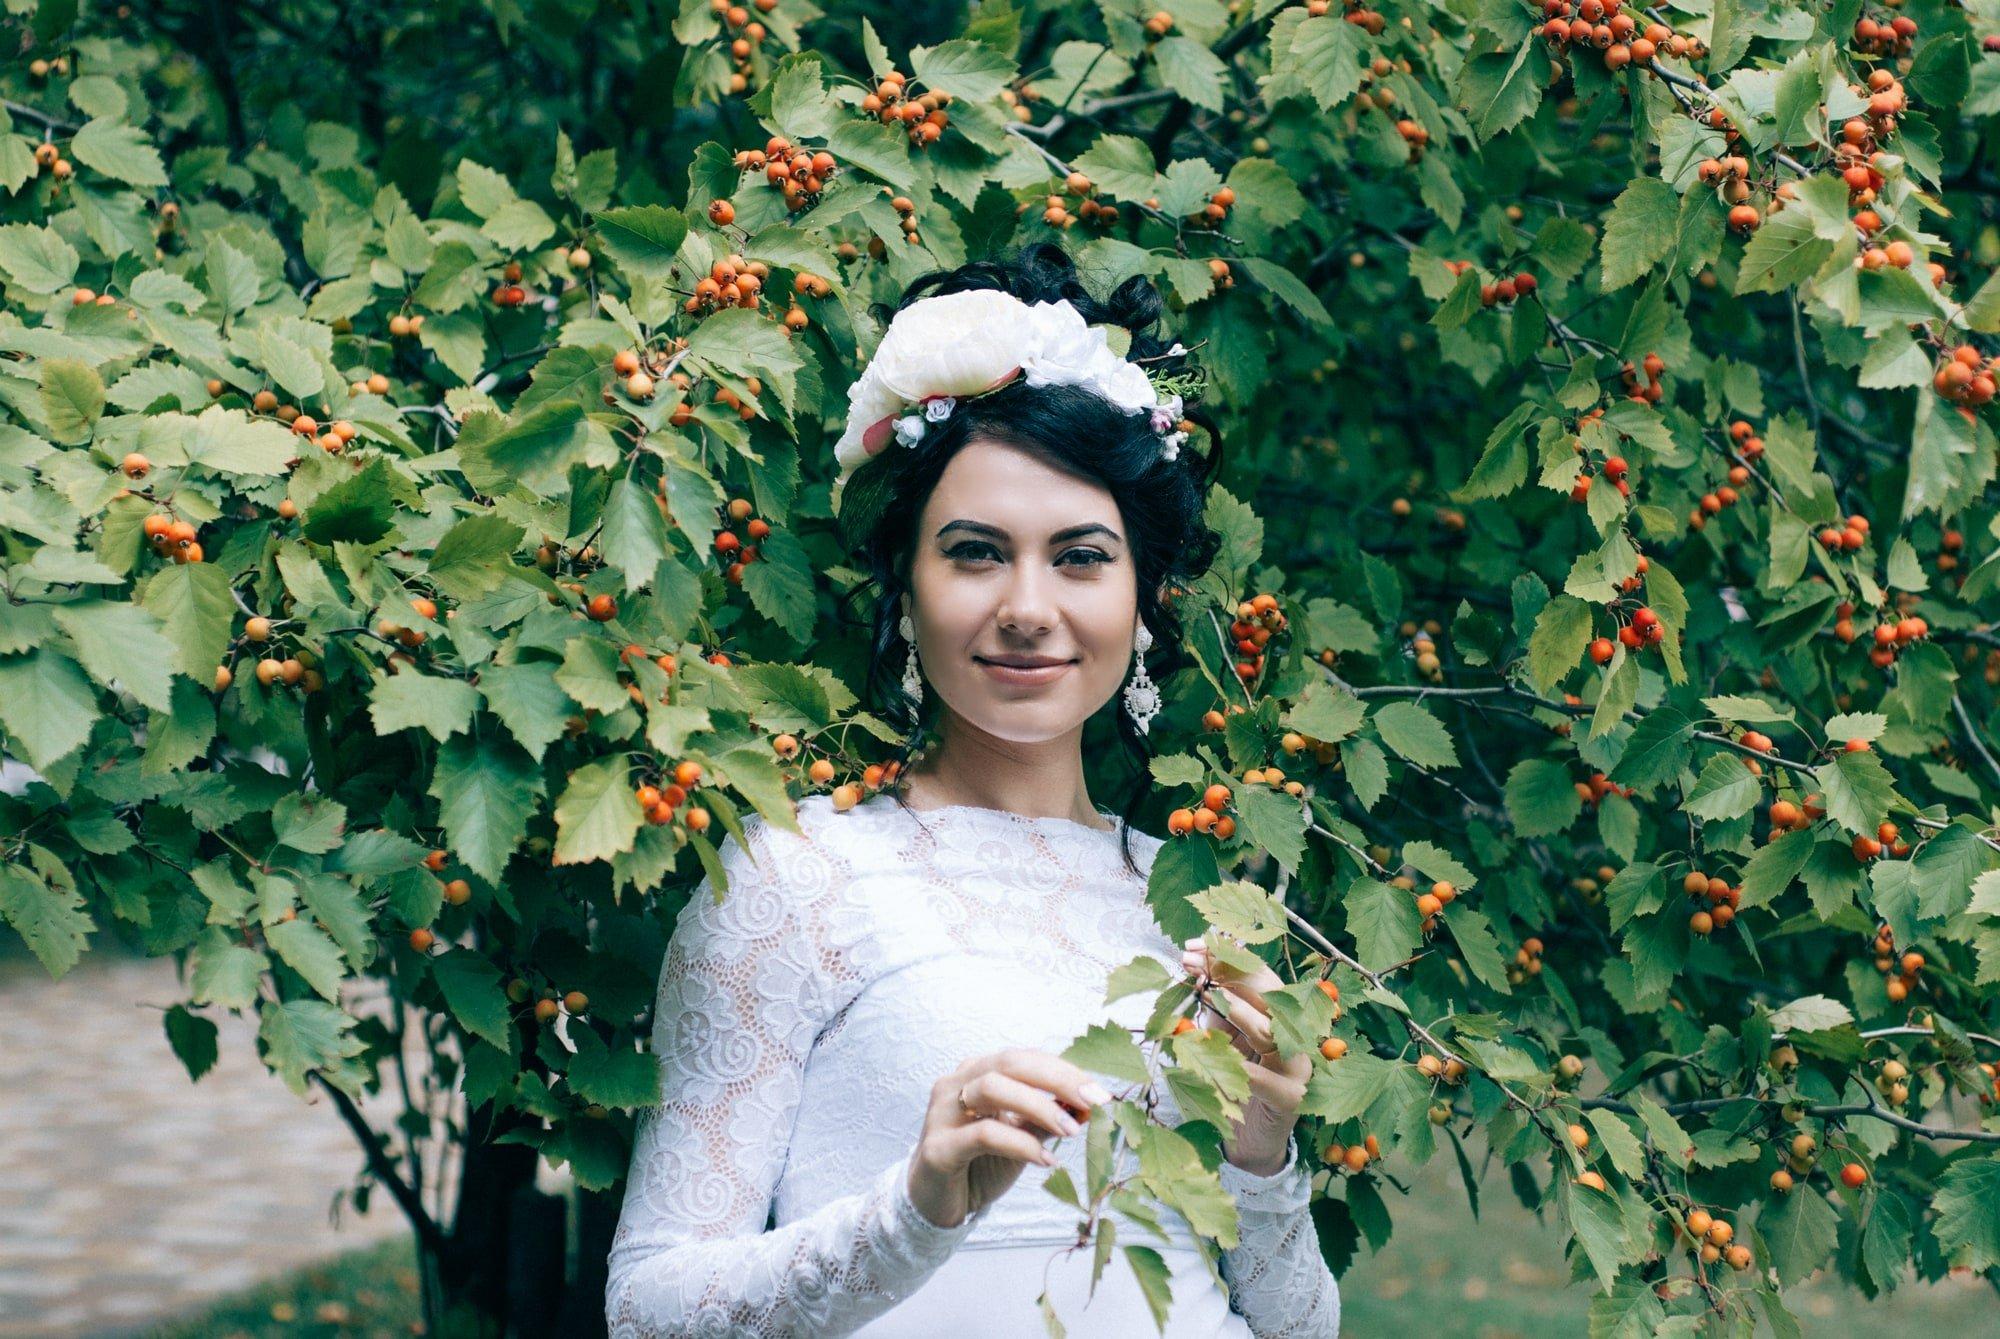 Невеста и ягоды - Фотограф Киев - Женя Лайт